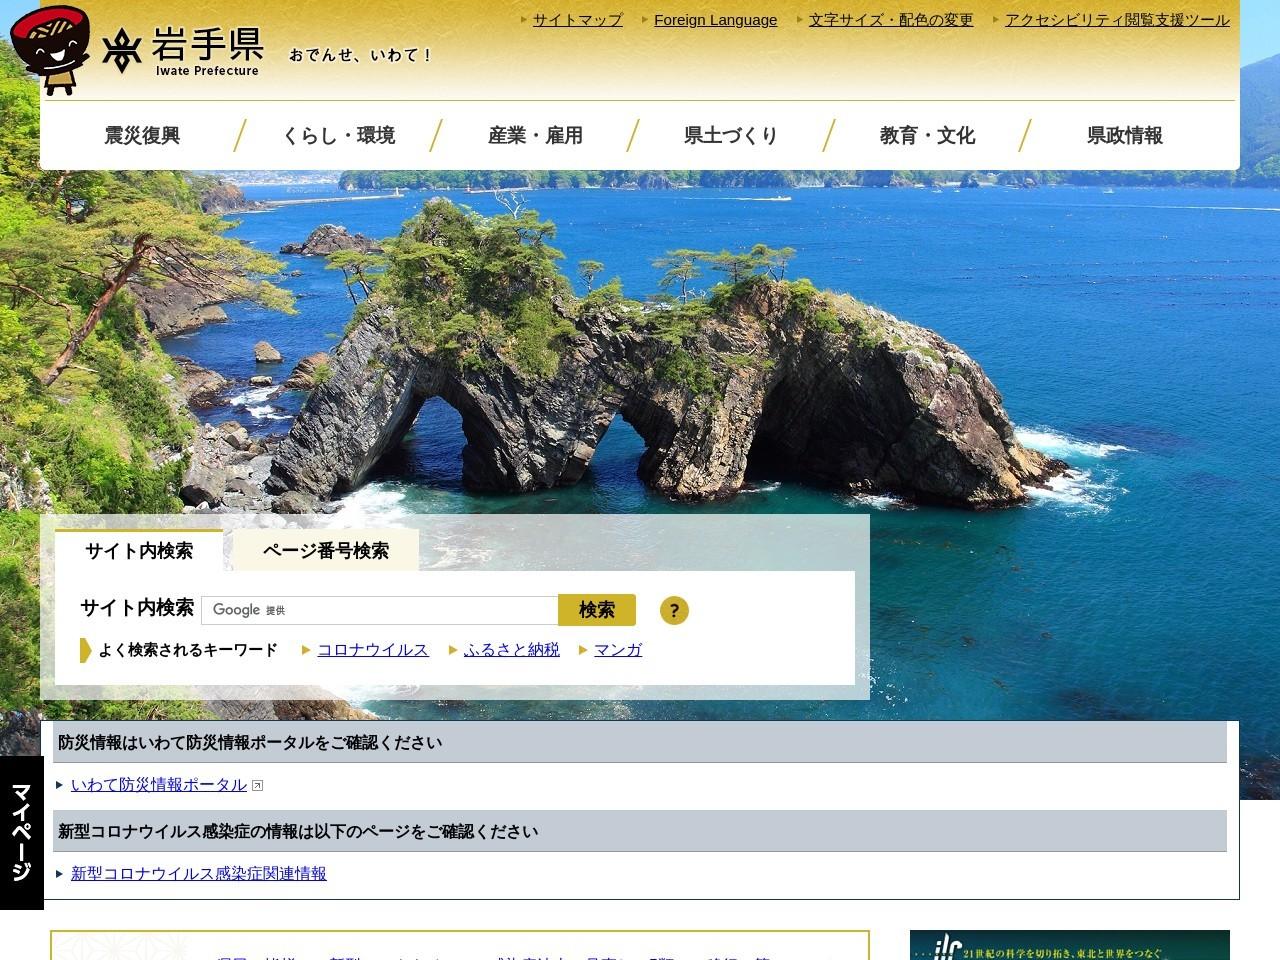 岩手県ホームページ トップページ